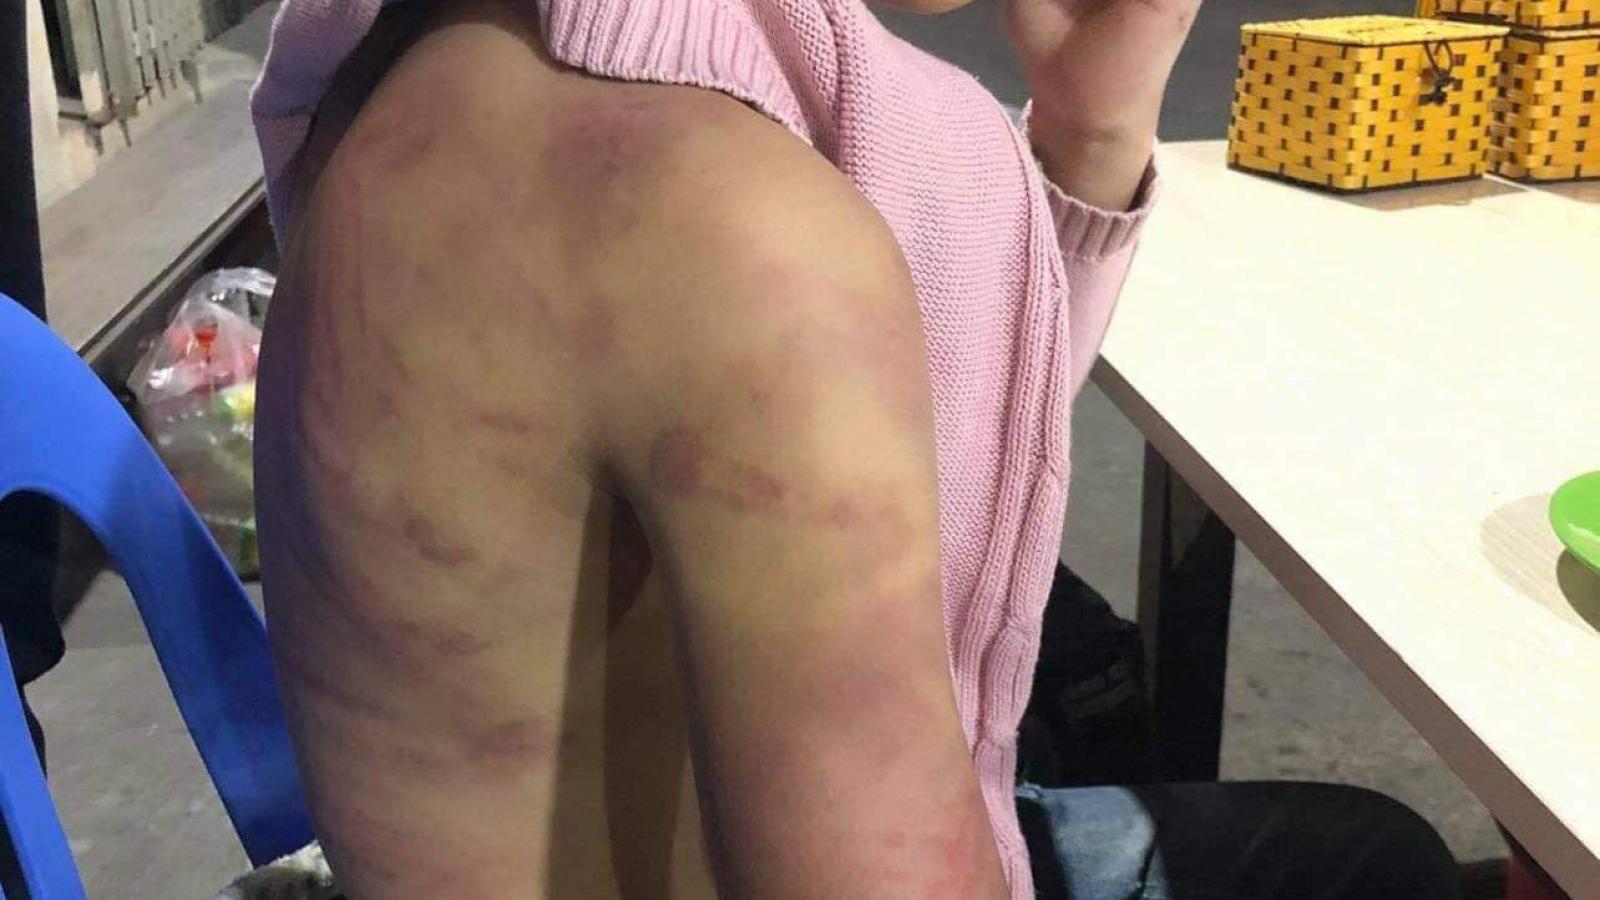 Bé gái 12 tuổi ở Hà Nội bị mẹ đẻ hành hạ dã man